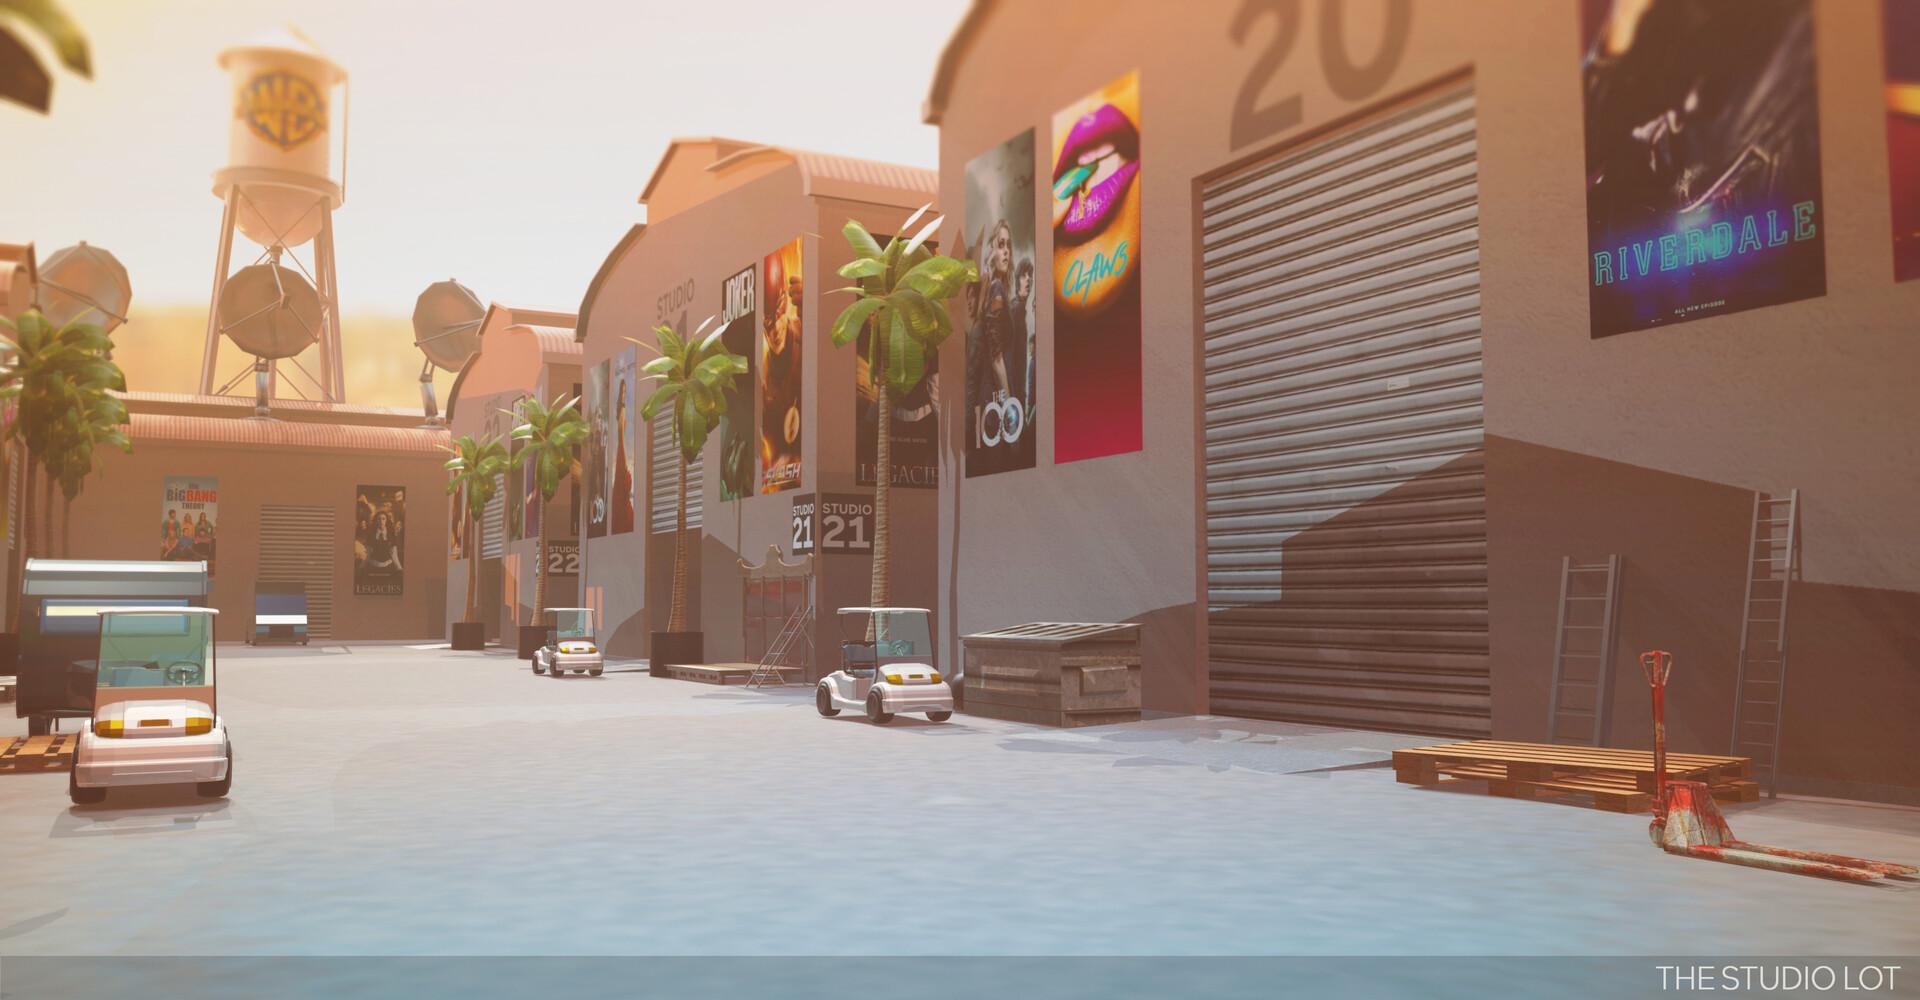 The_Studio_Lot_Render_03